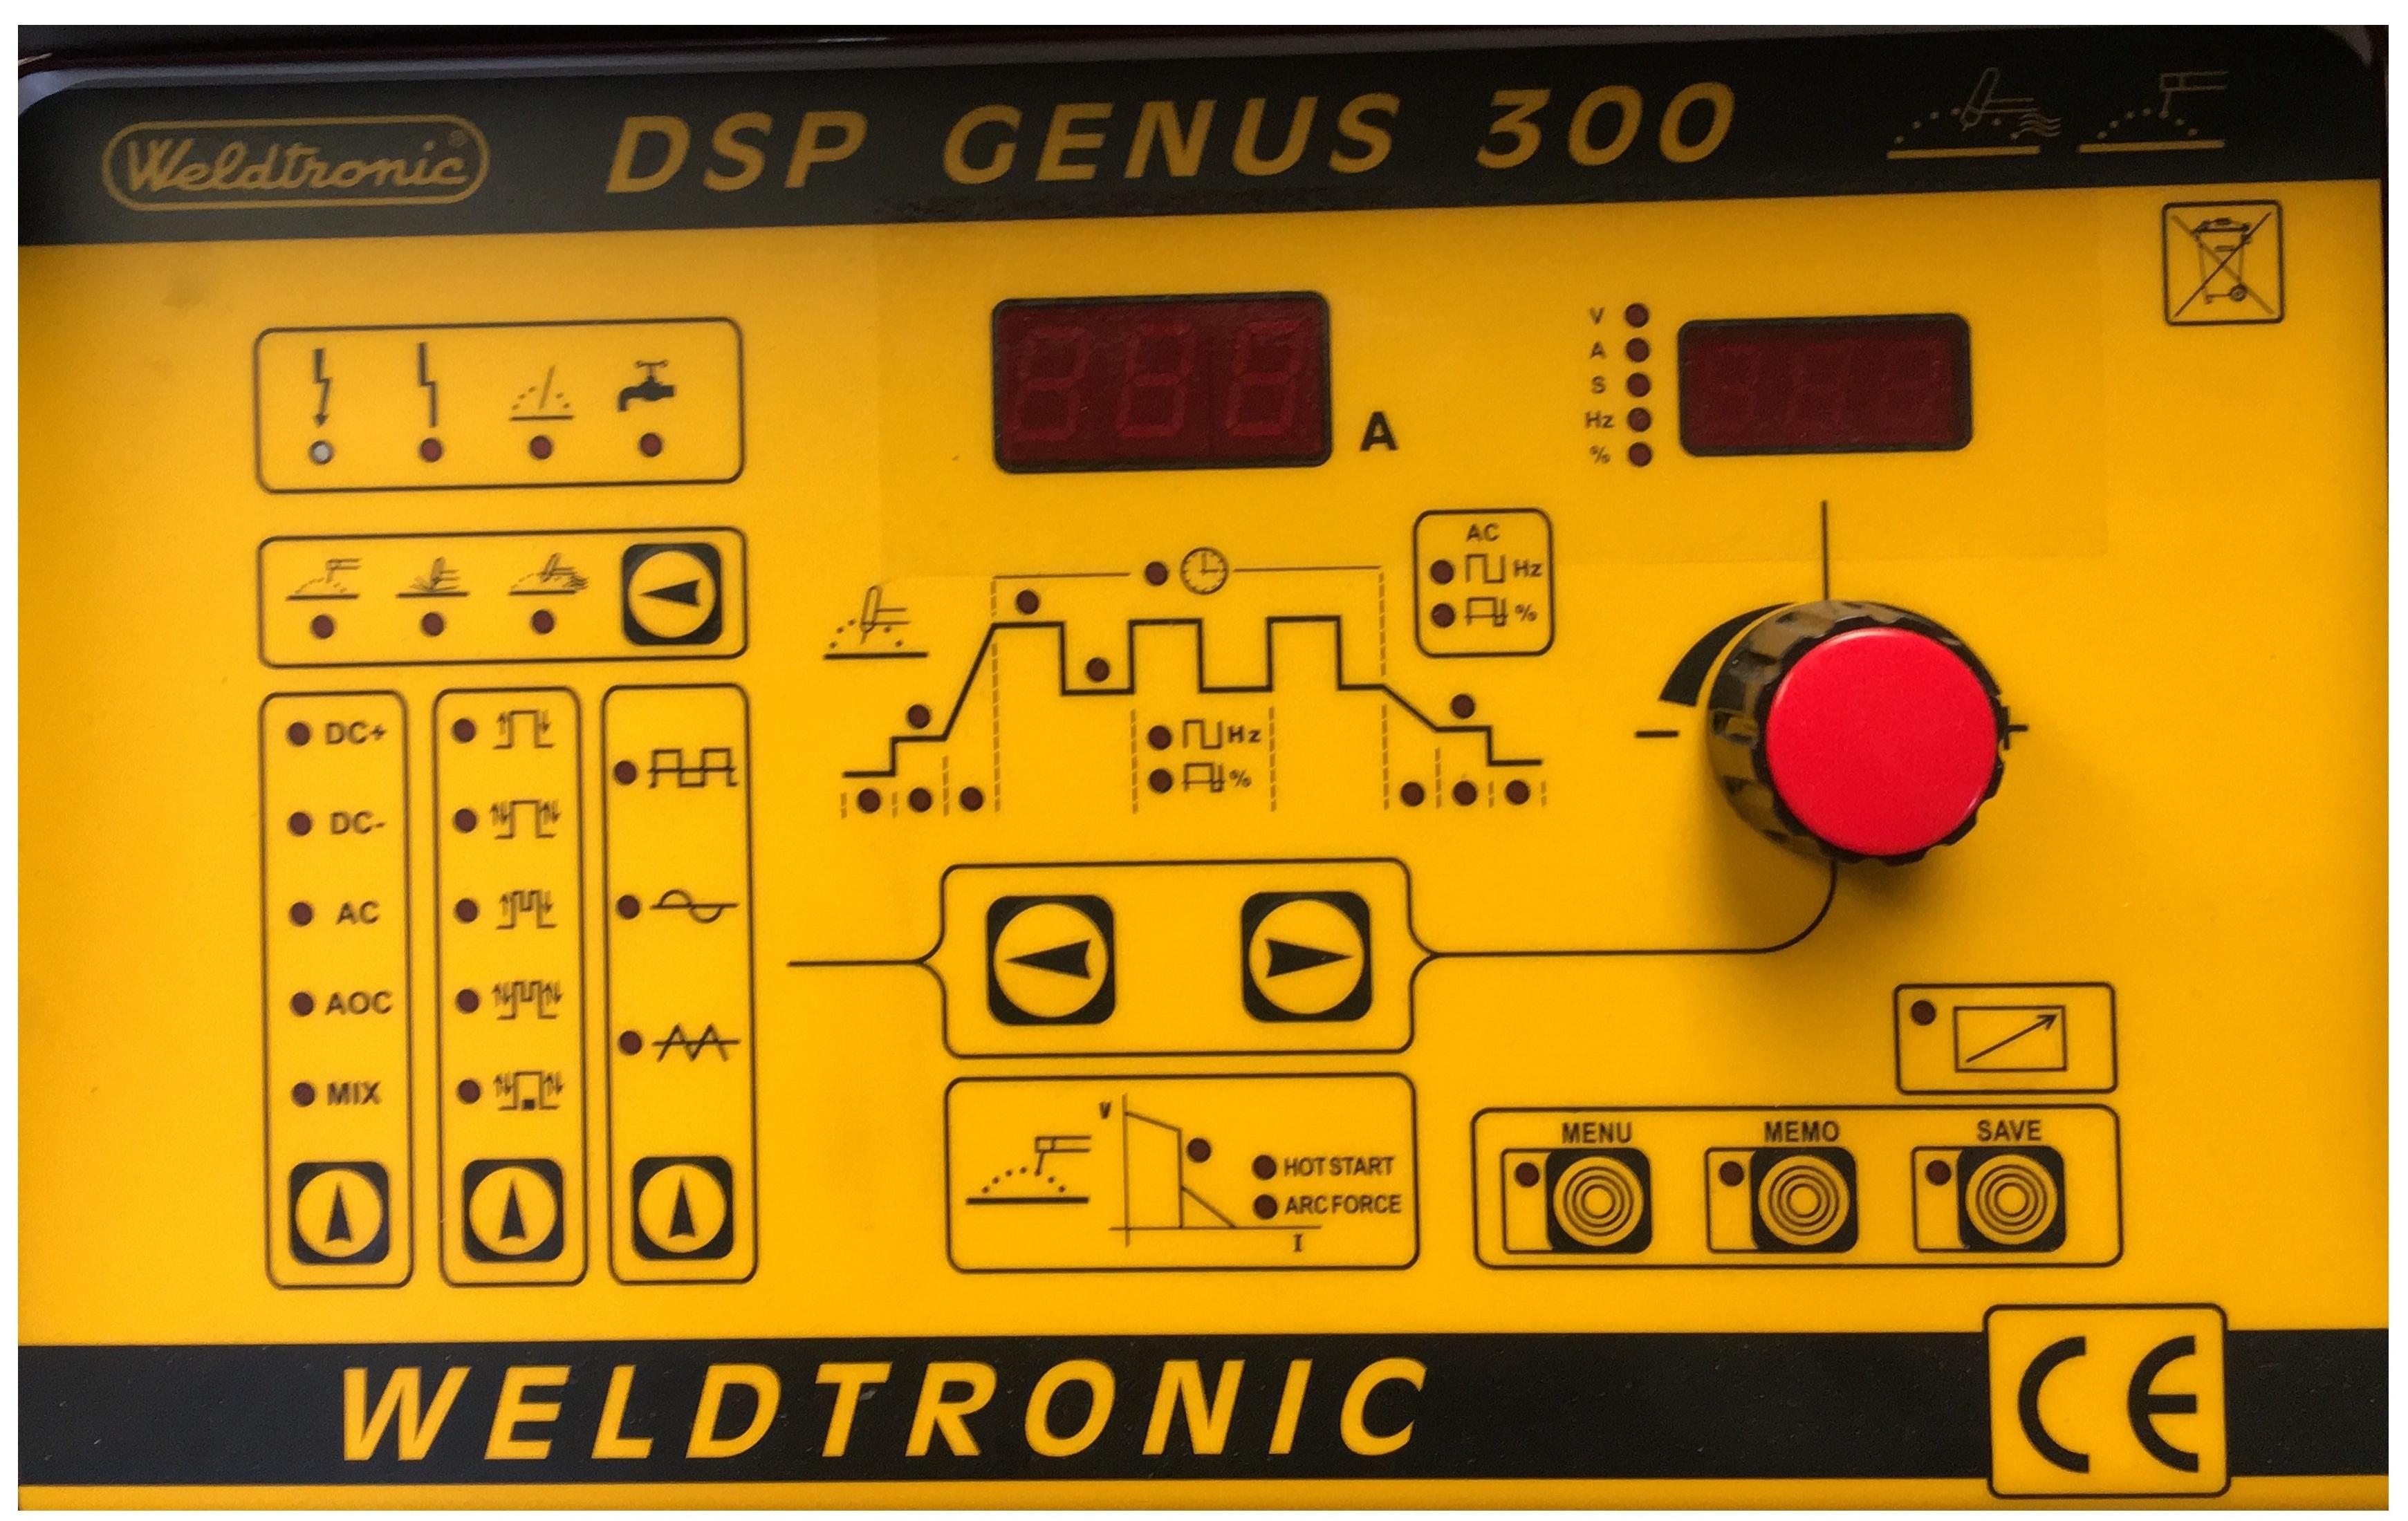 PANNELLO DSP GENUS 300